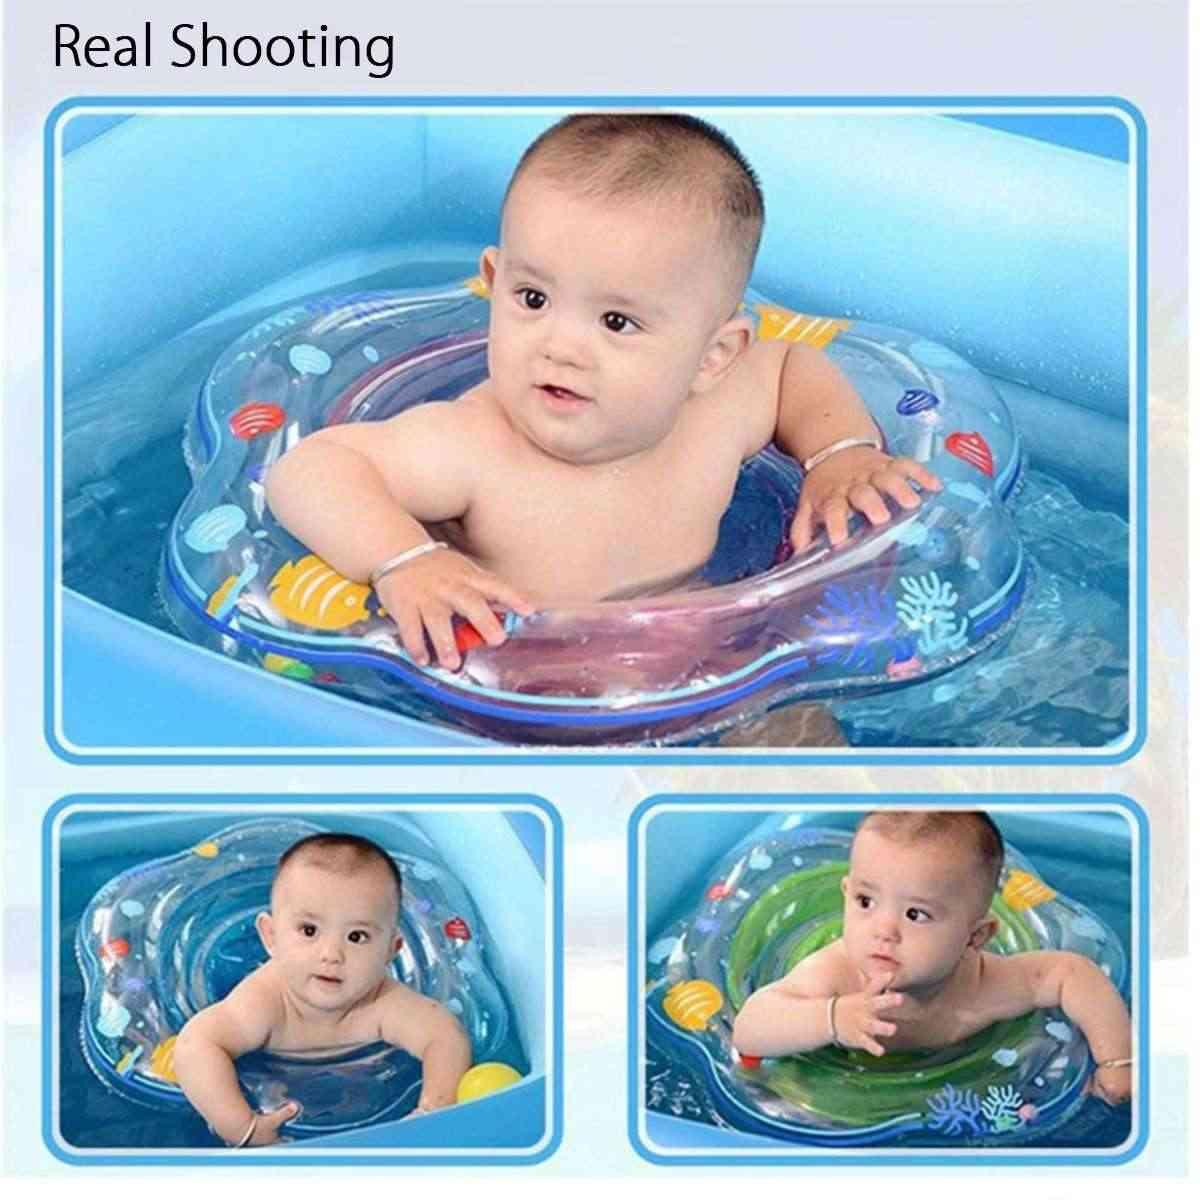 ベビー幼児脇フローティングキッズスイムプールアクセサリーサークル水着インフレータブルダブルいかだリングのおもちゃ